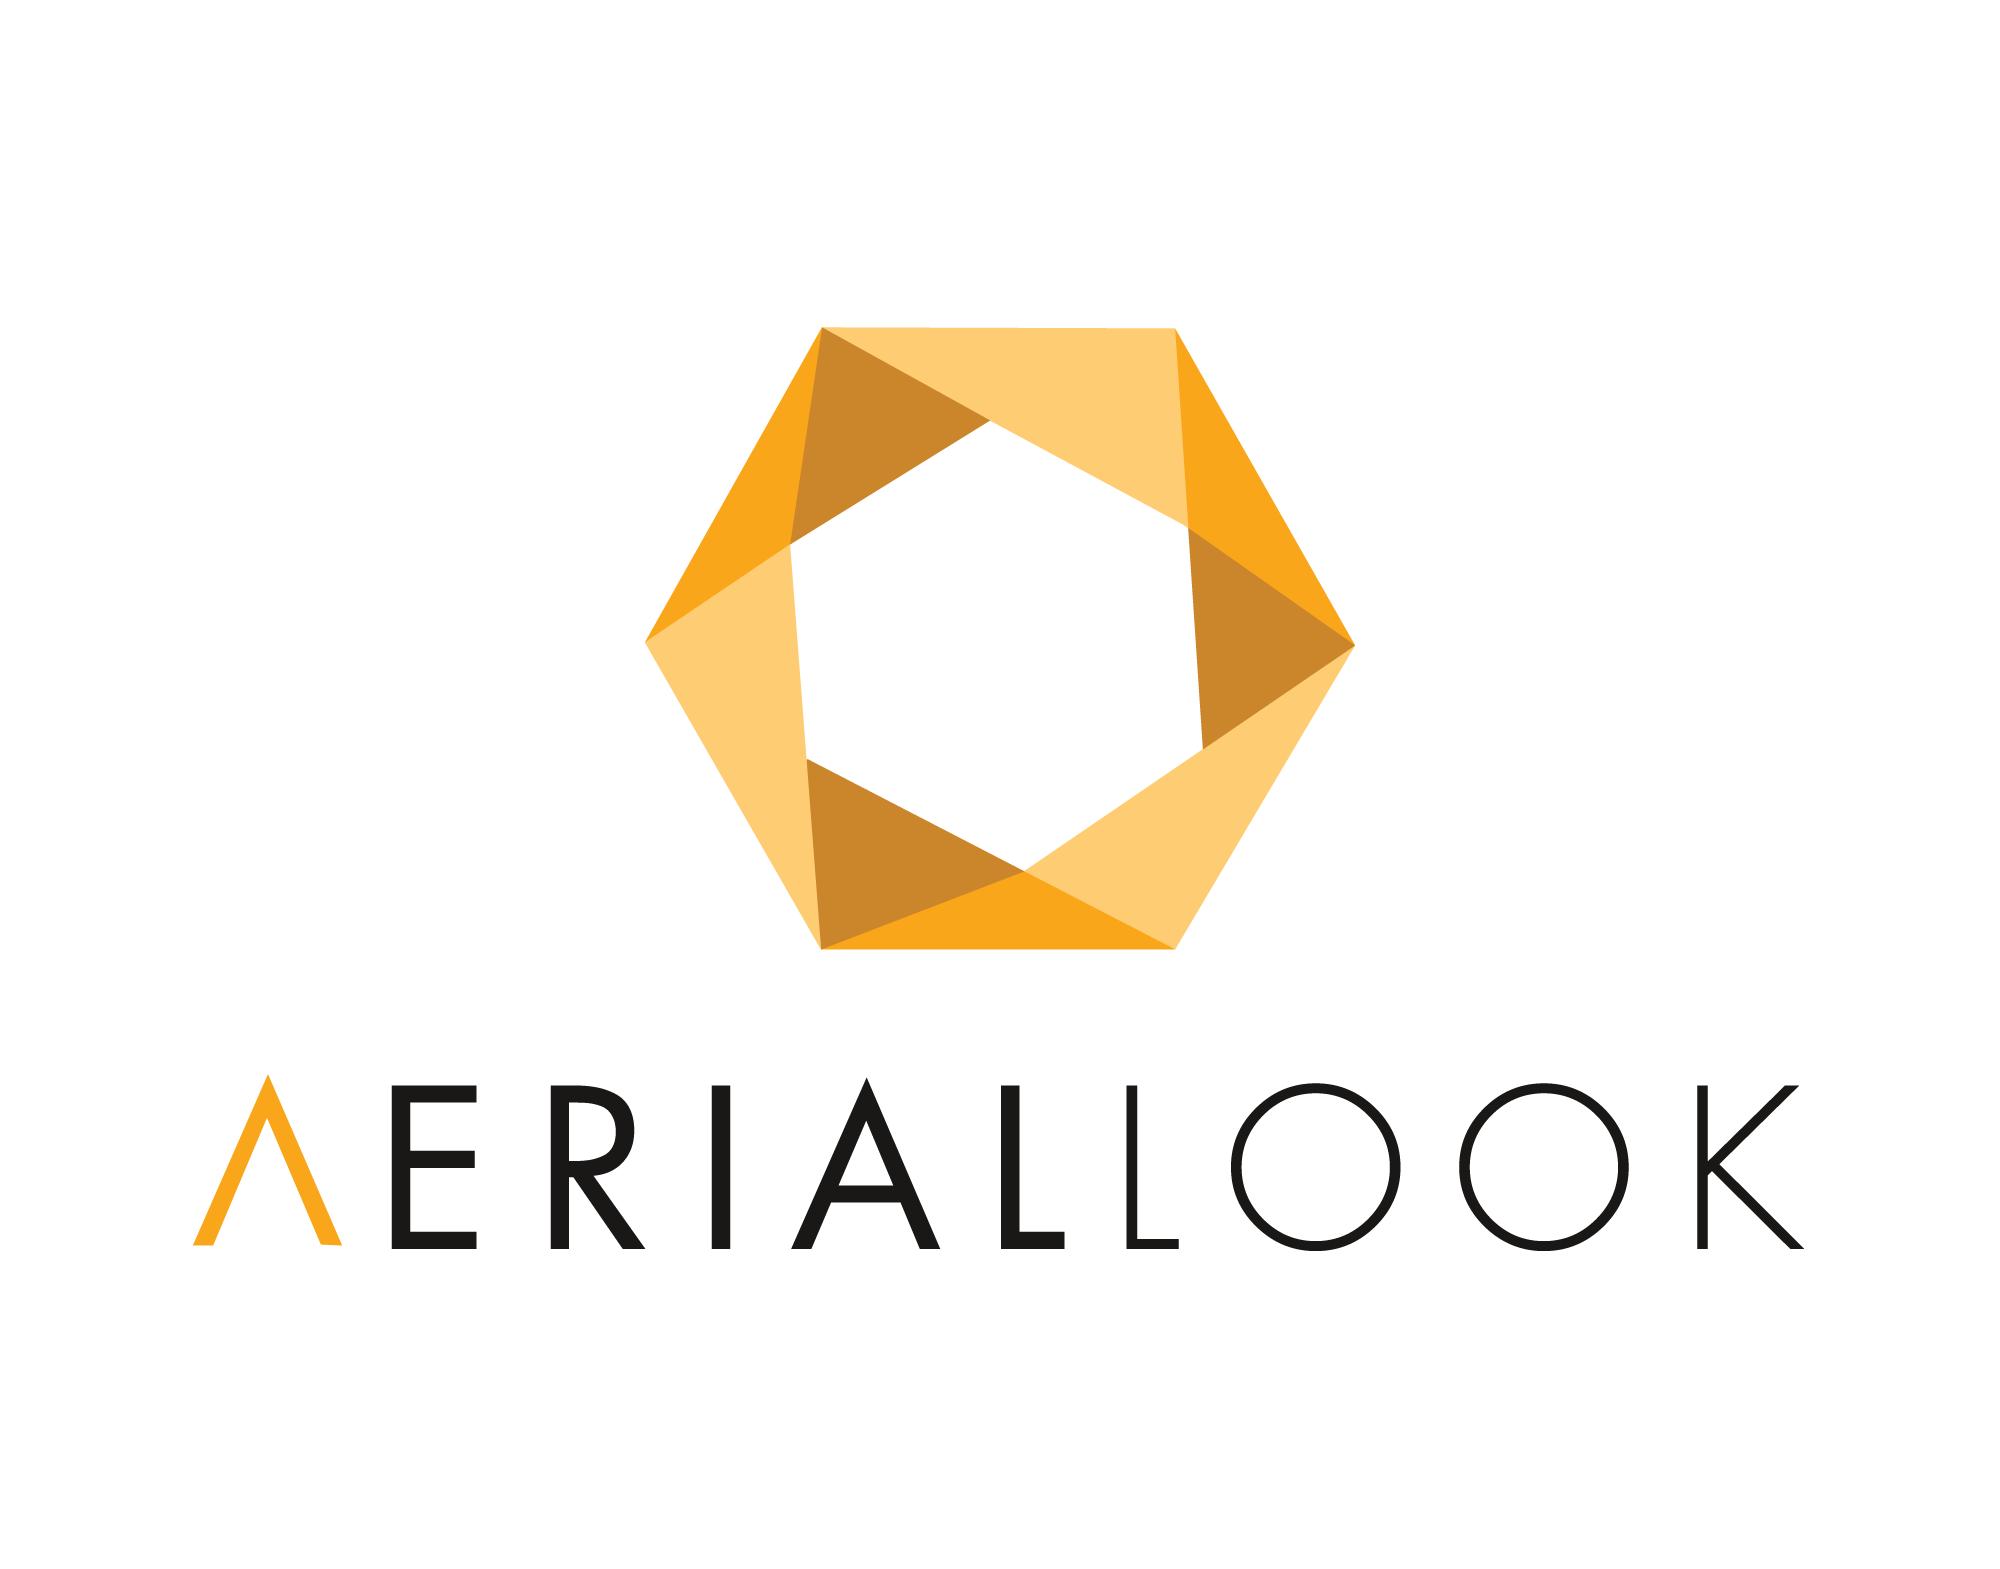 aeriallook- company logo